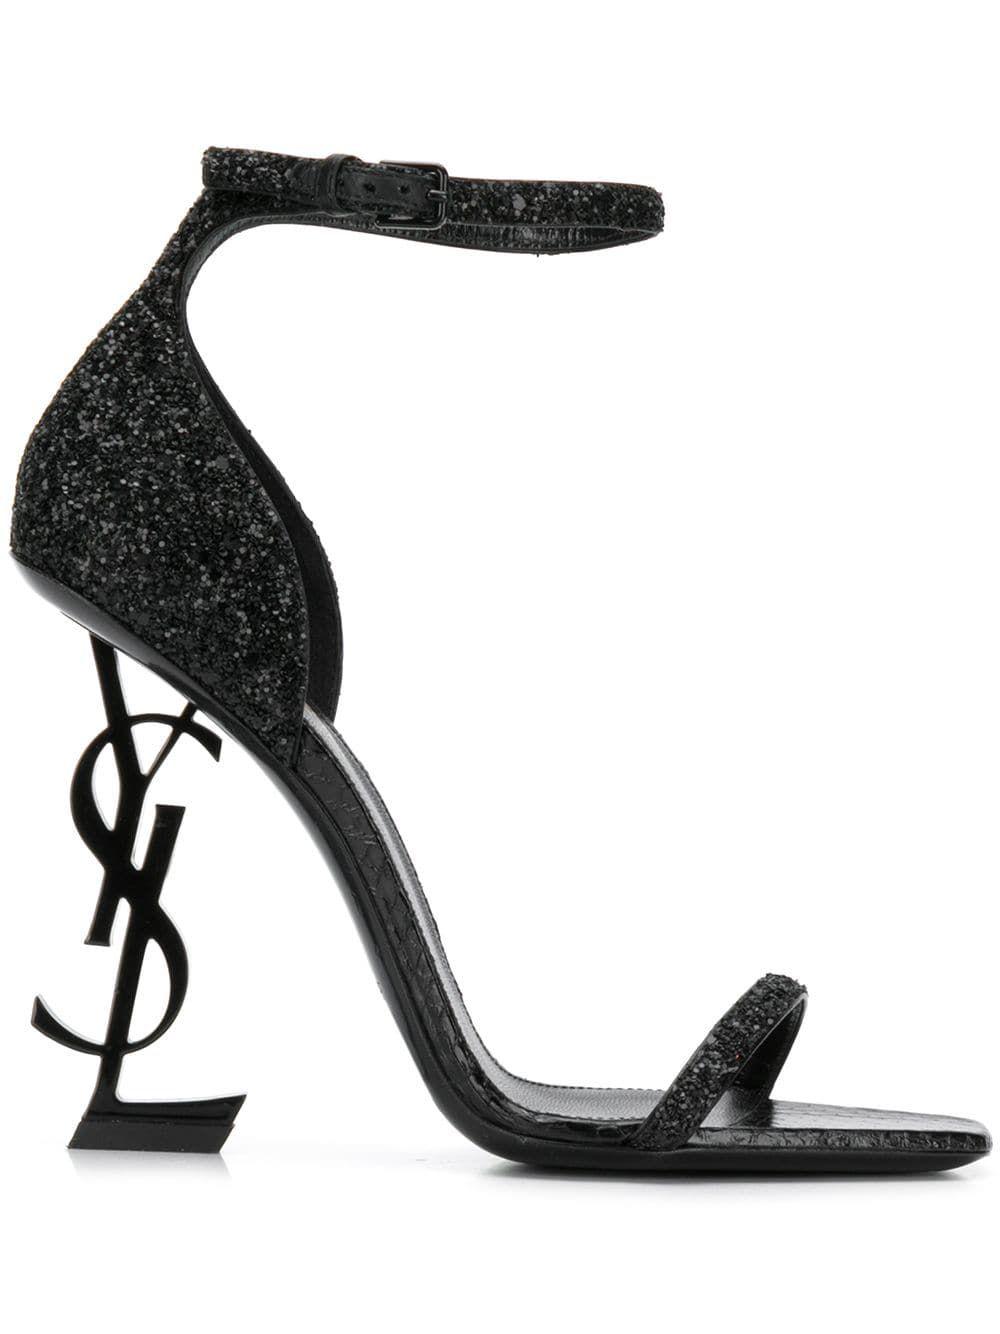 ysl heels sale